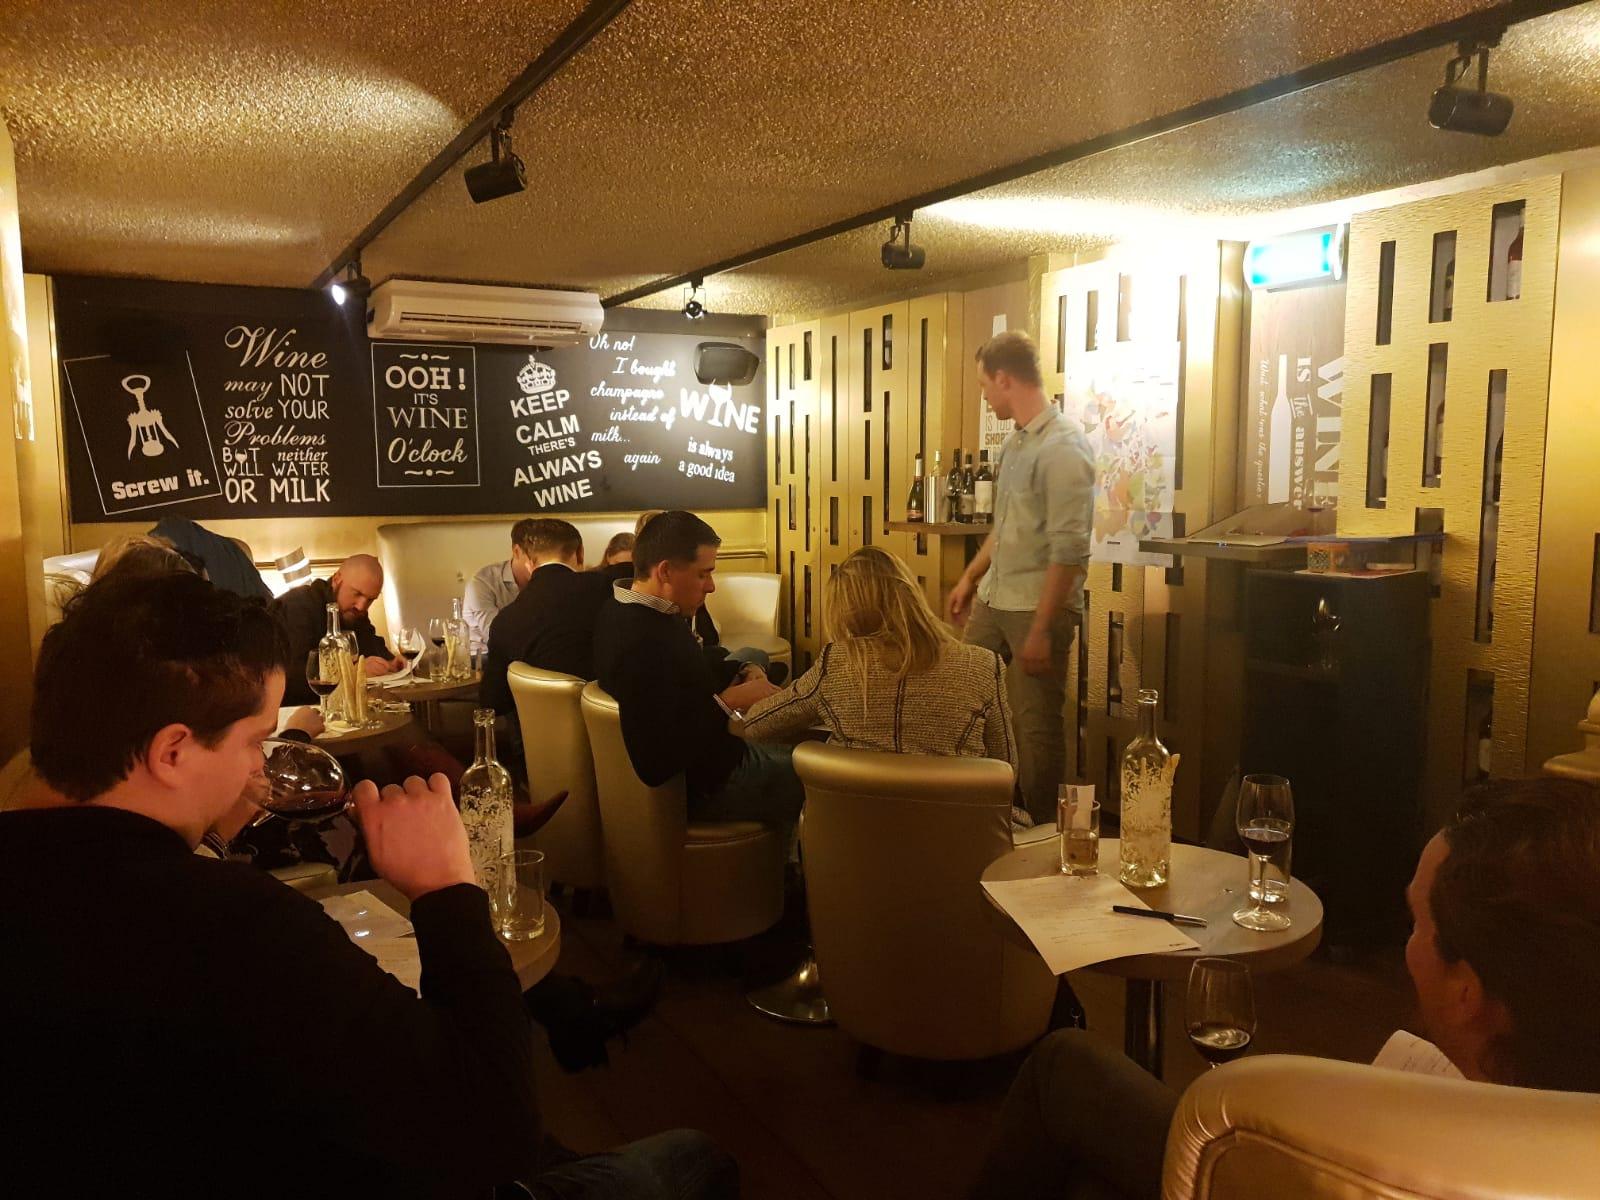 Sfeerimpressie van de wijn proeverij Piemonte bij wijnbar VIQH in Haarlem